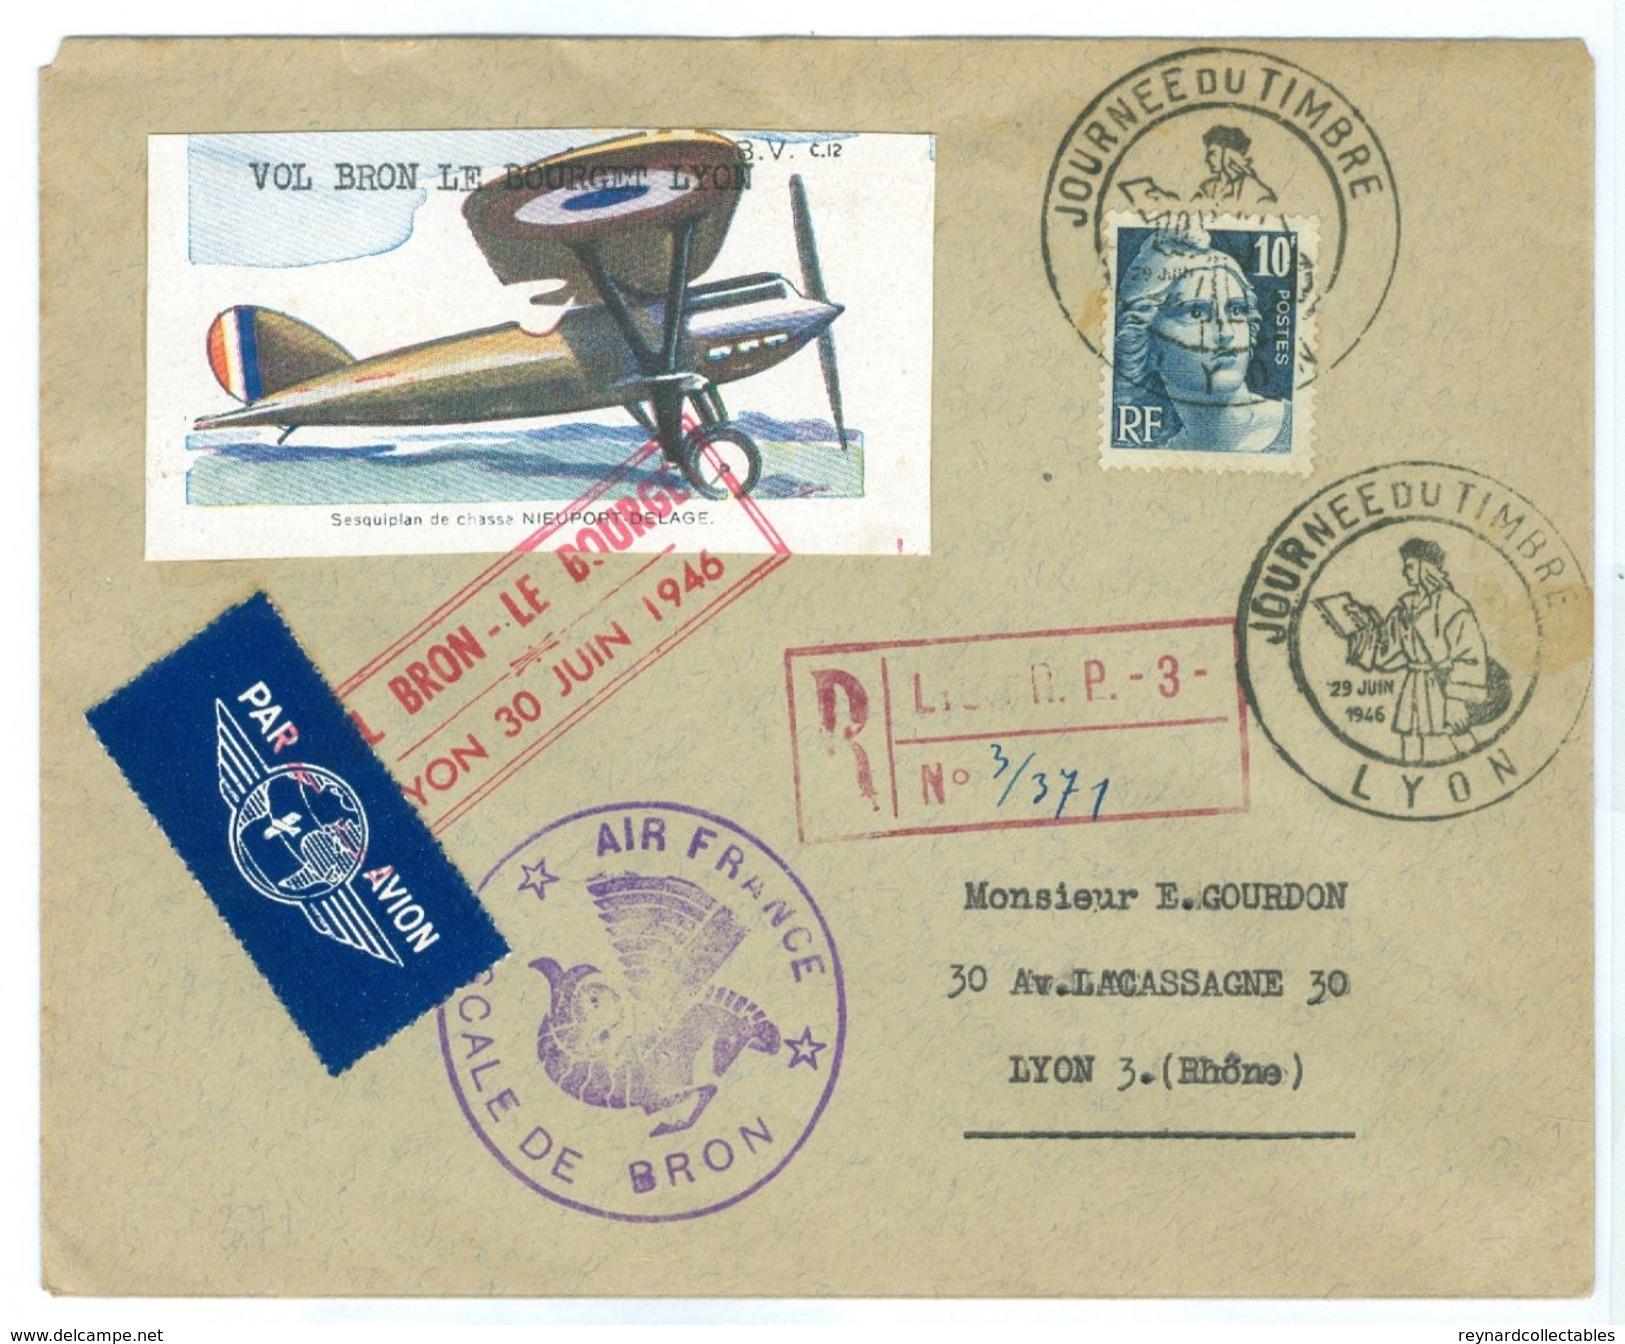 1946 France Lyon Registered Cover & Vignettes Air France & Vol Bron-Le Bourget Cachets, Journee Du Timbre - Airmail